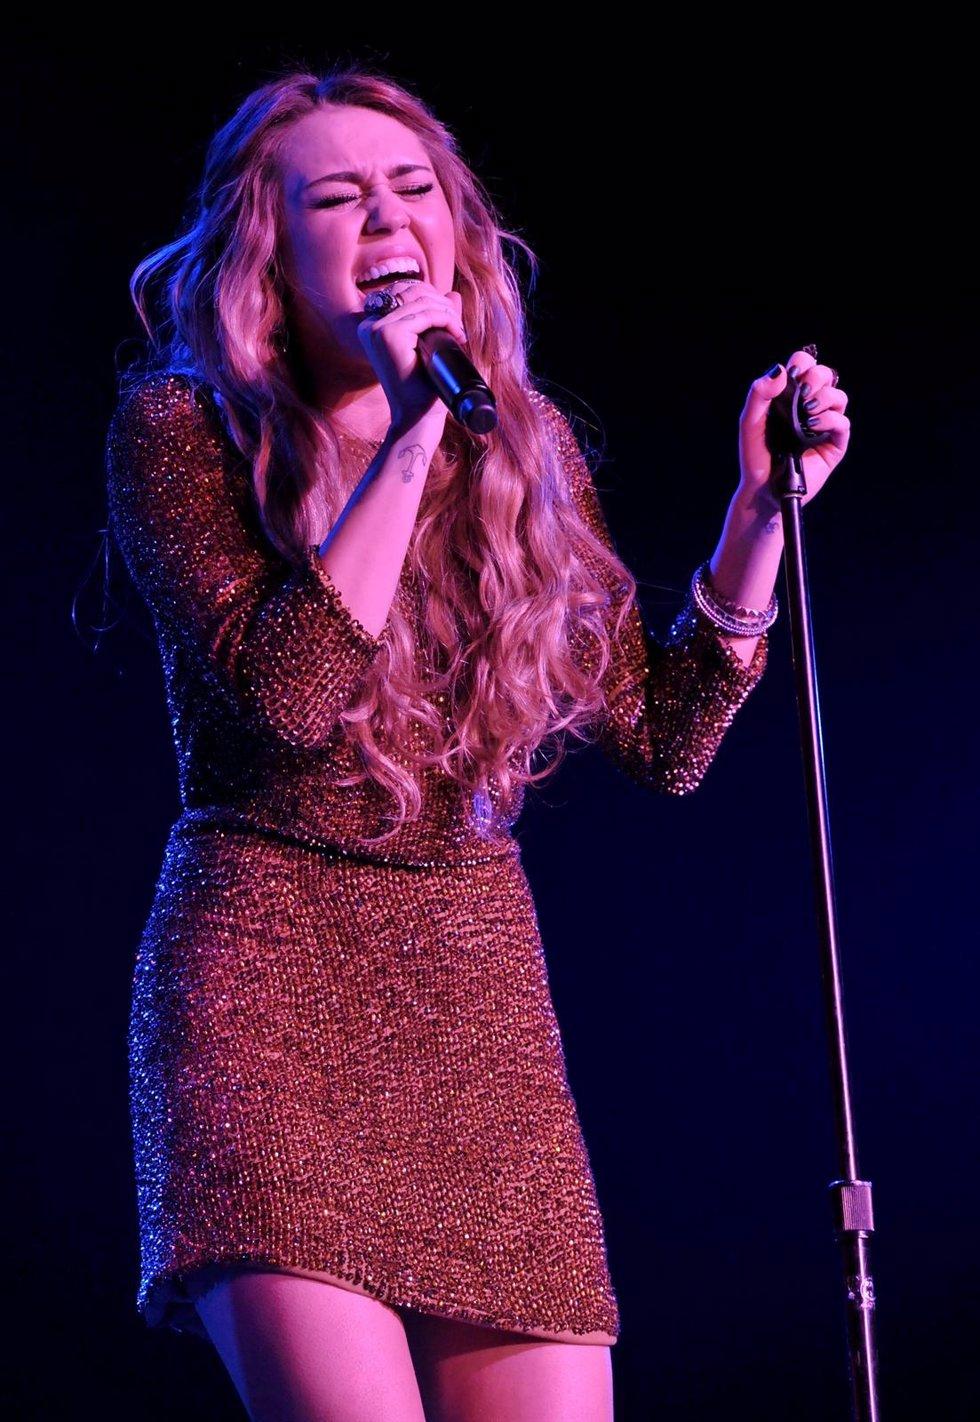 Miley Cyrus Cantando En Un Escenario